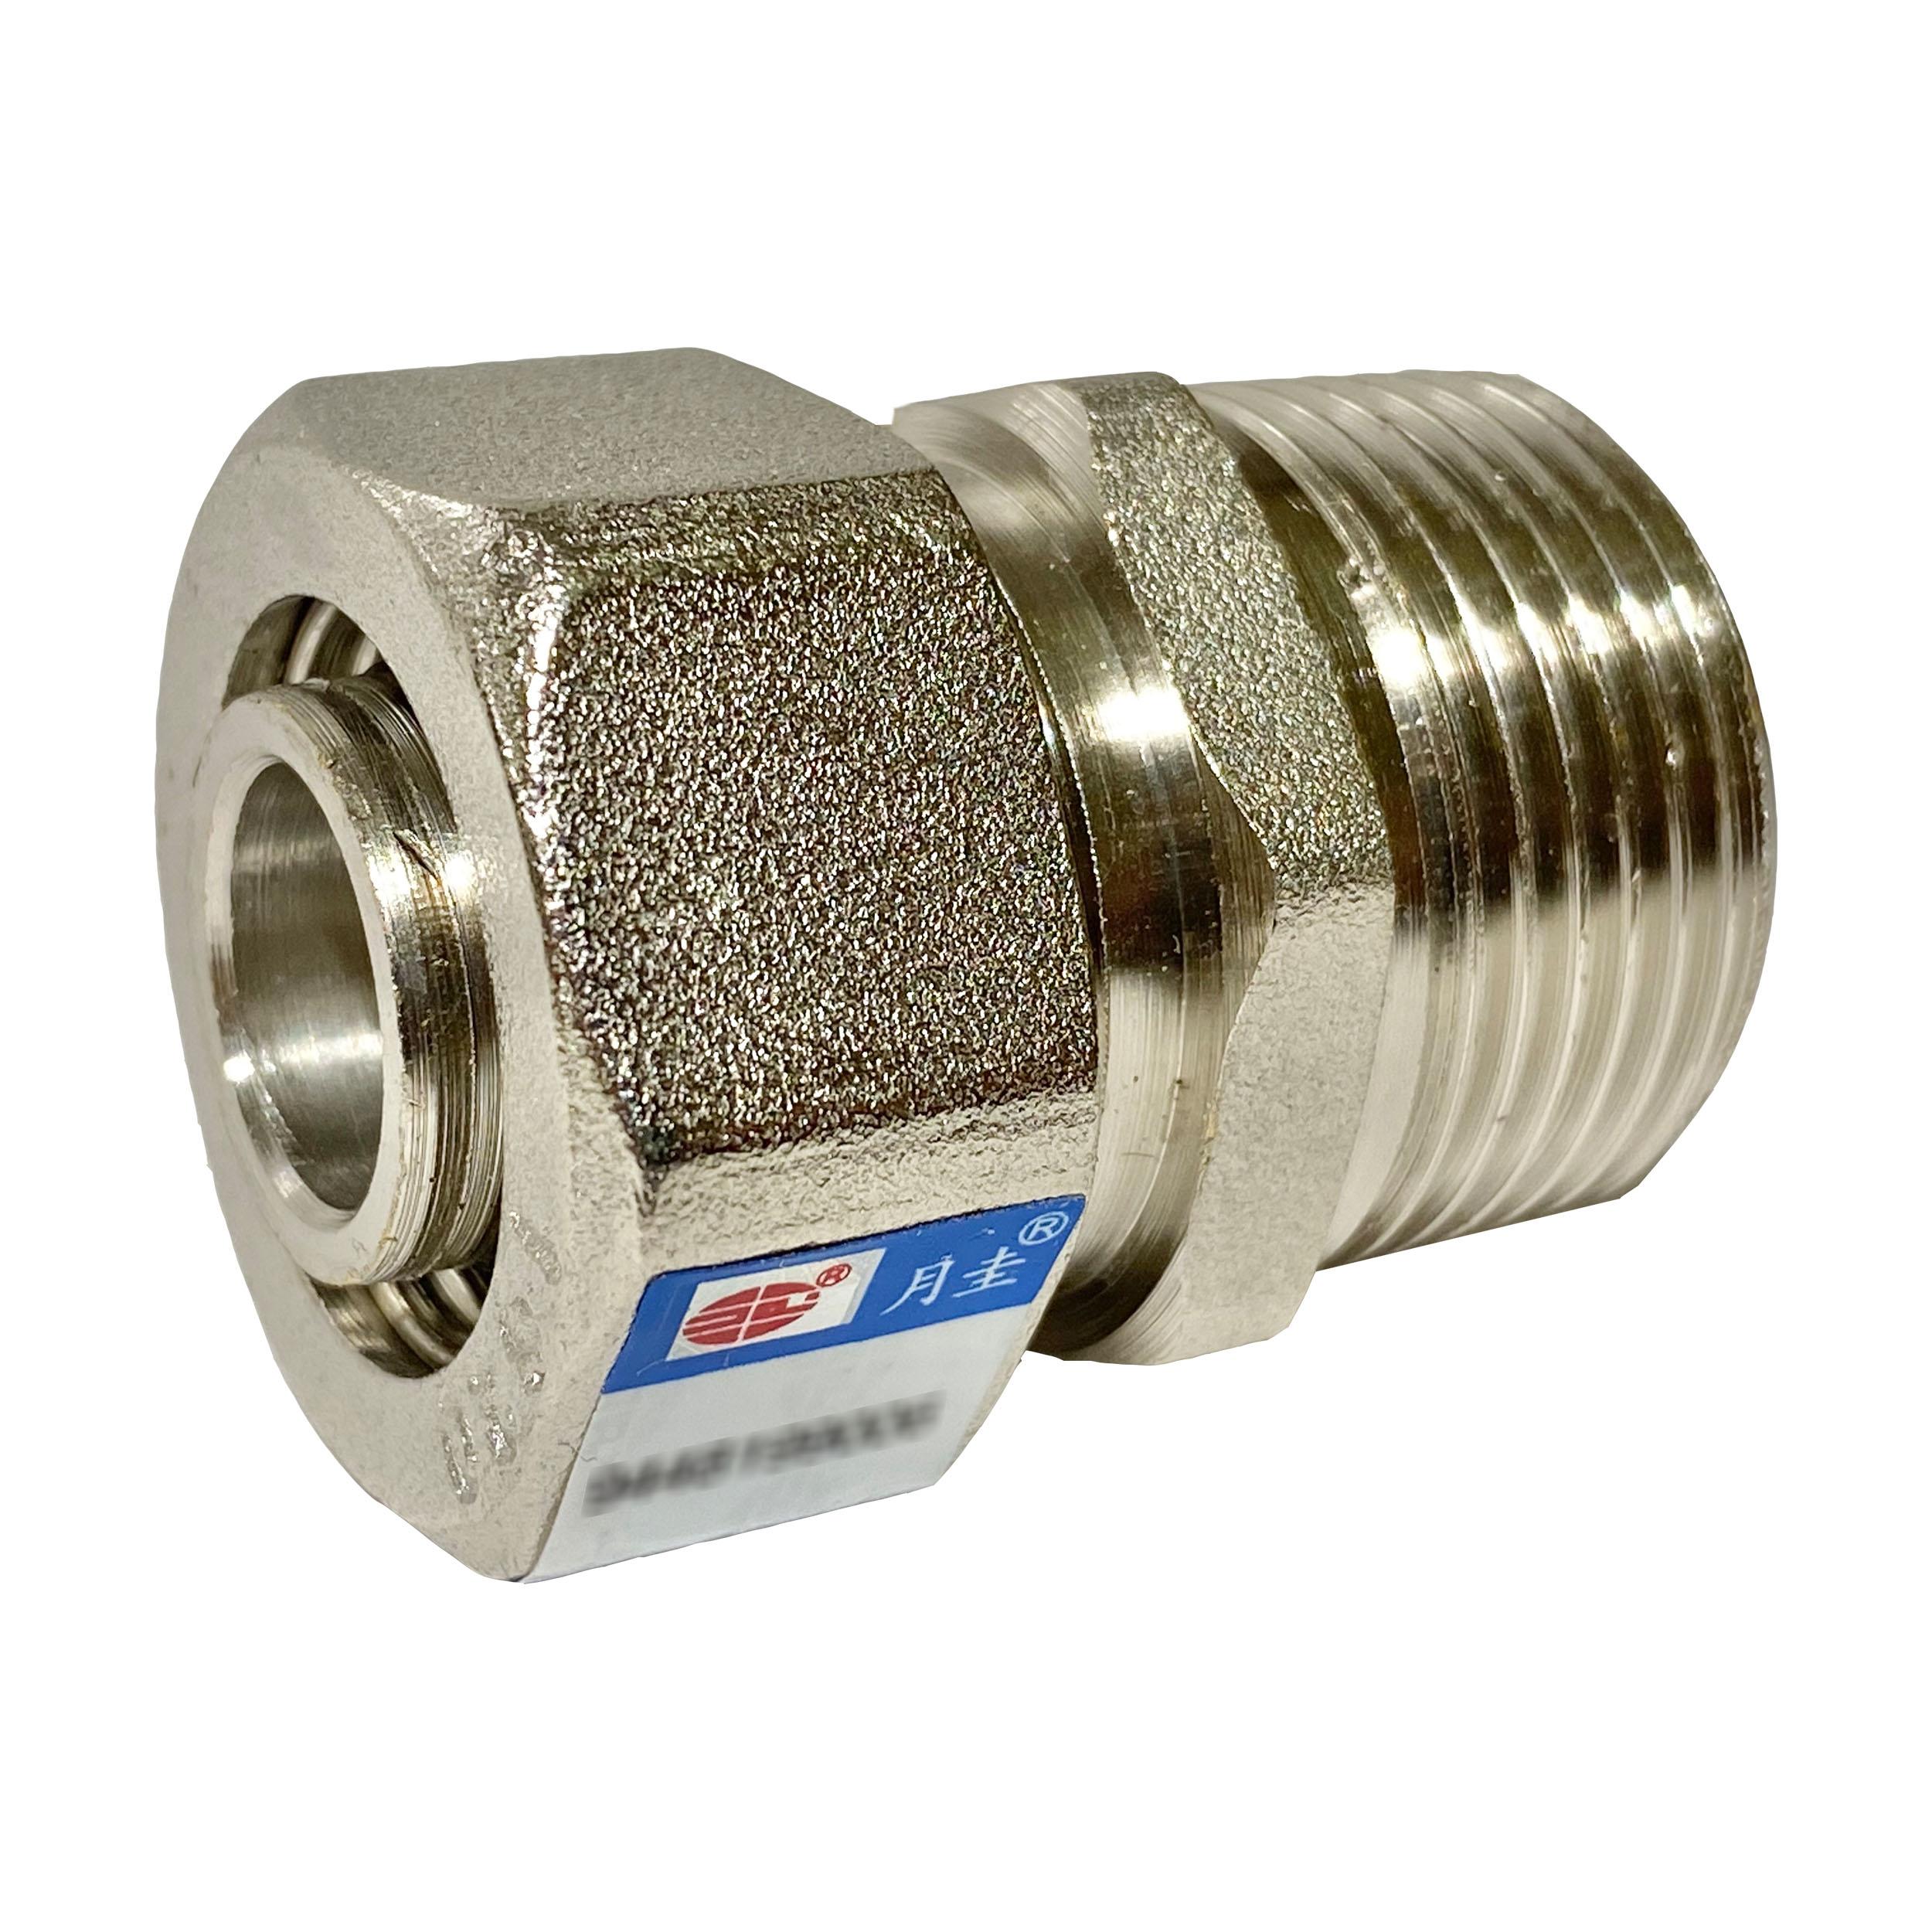 اتصال بوشن روپیچ مدل R203.4